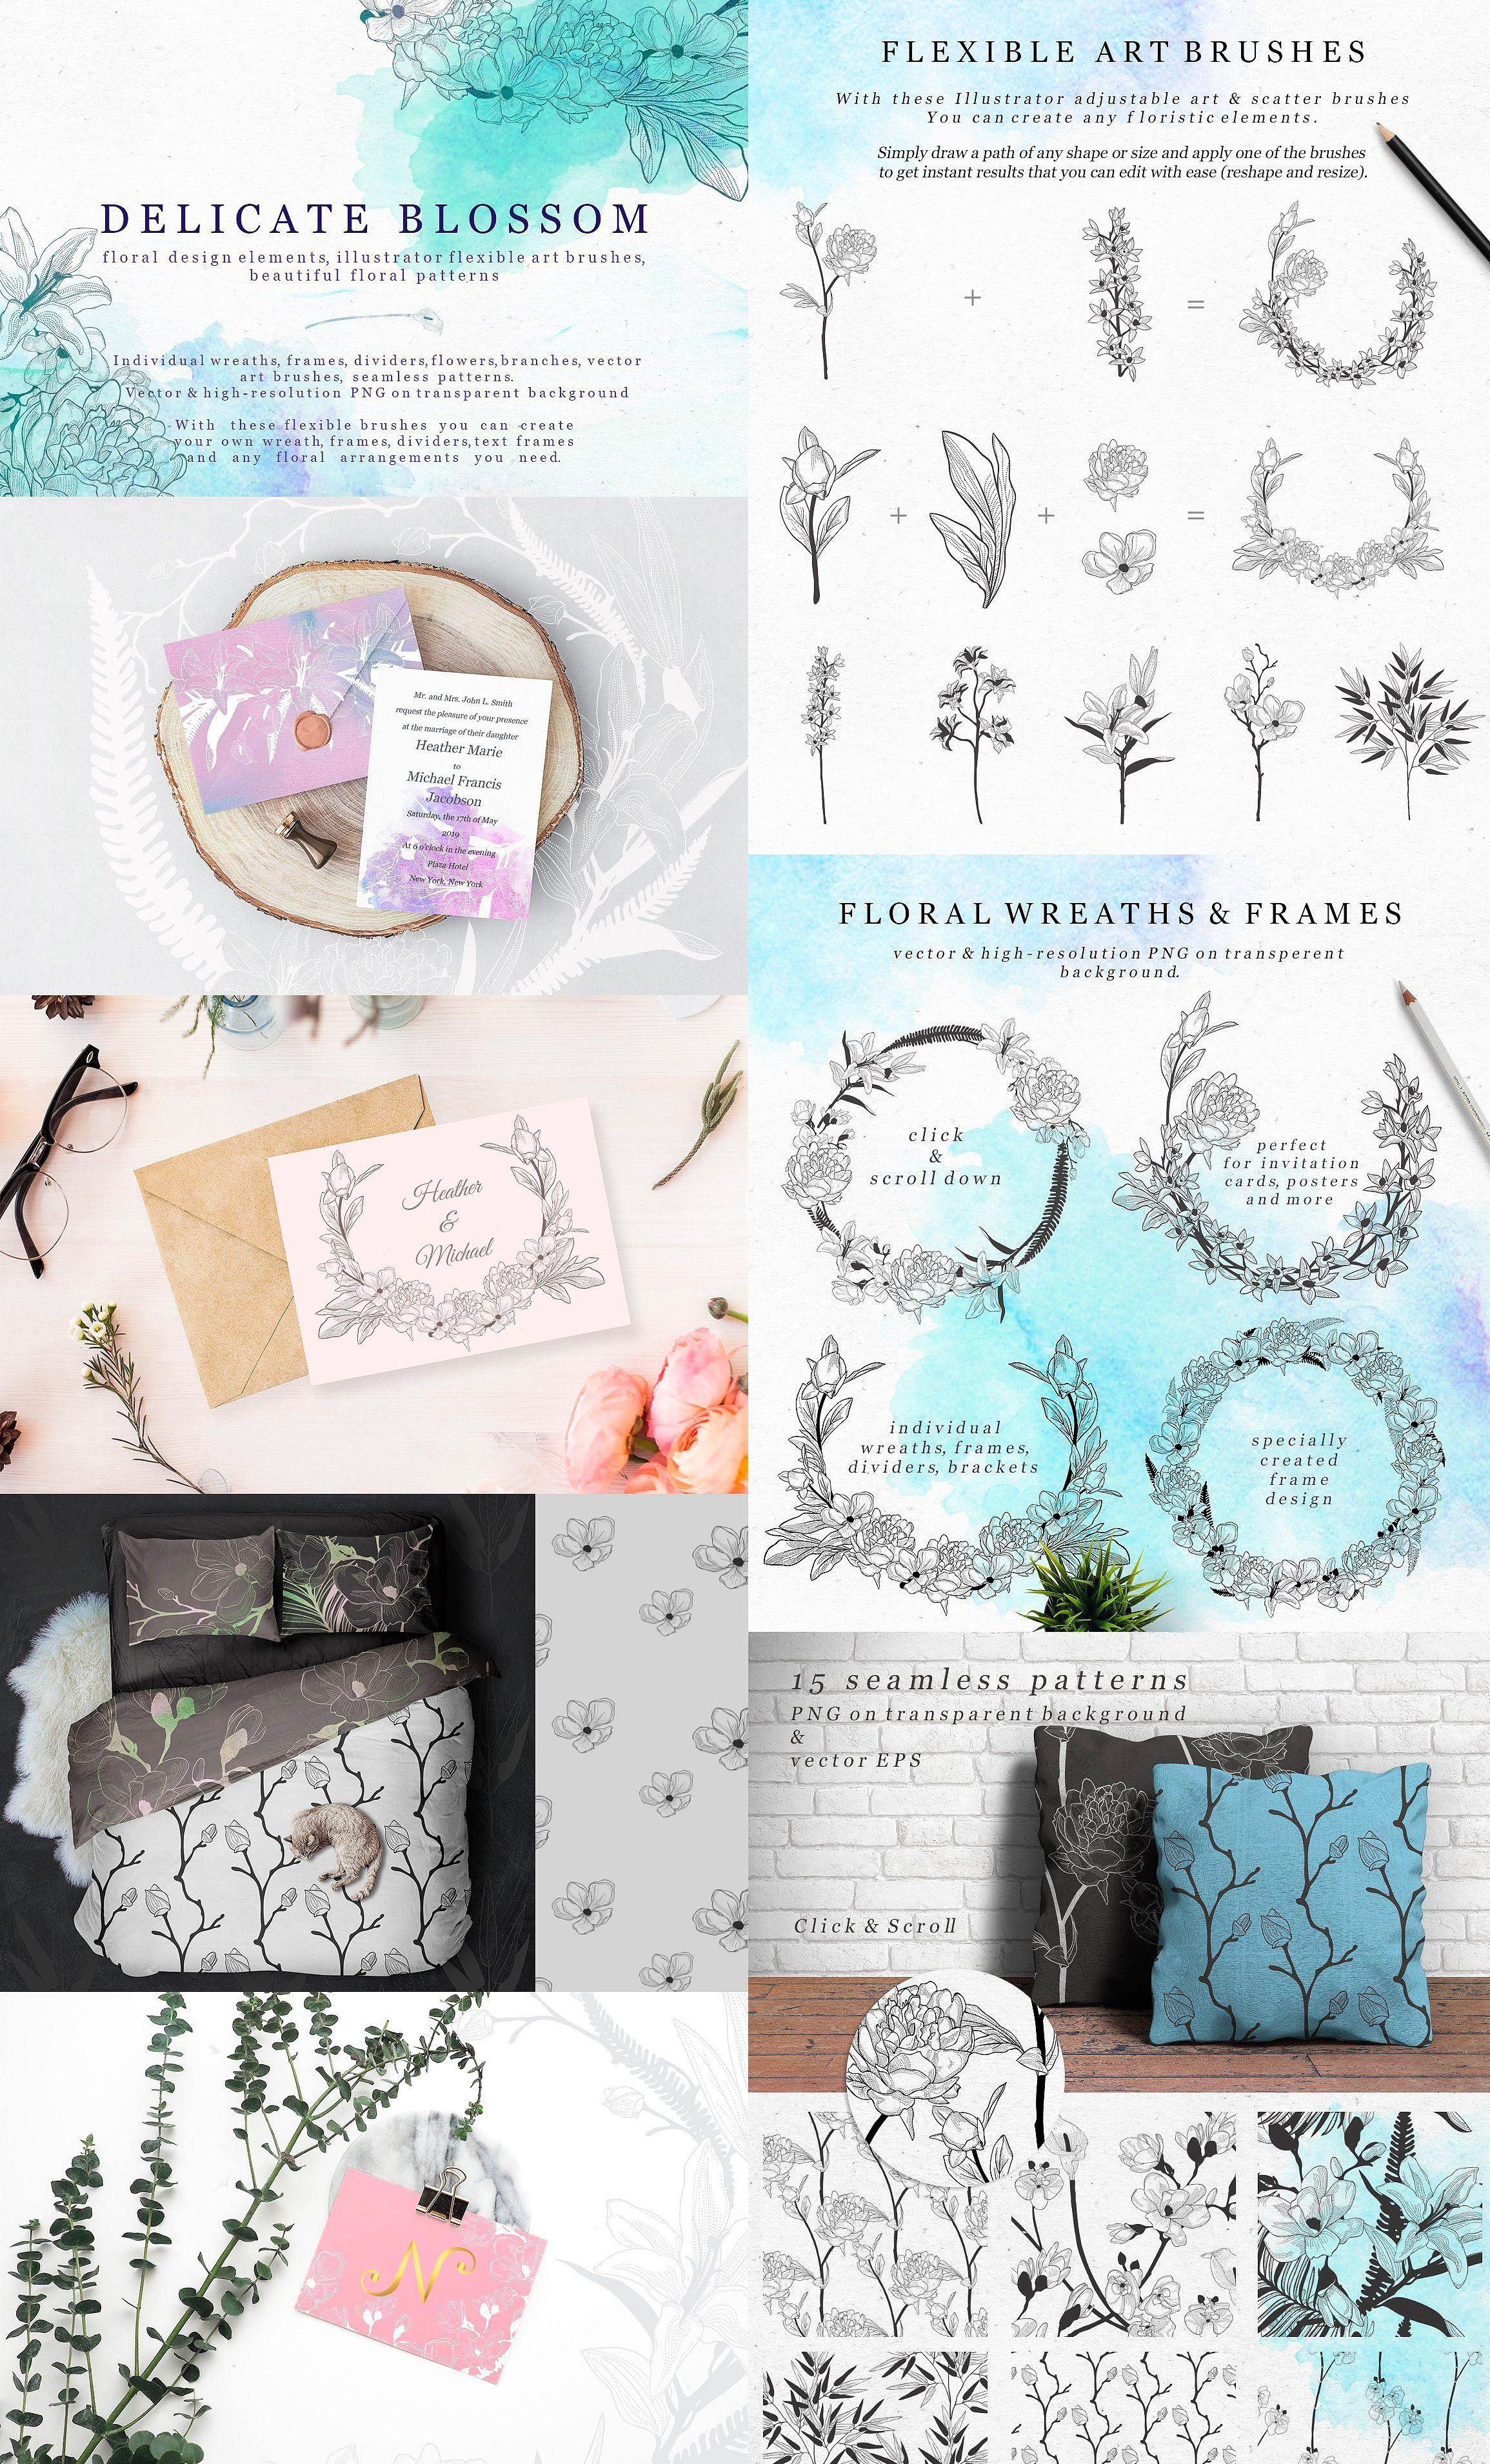 Creative clock background   in   OlyaCreative Bundle by OlyaCreative on creativemarket